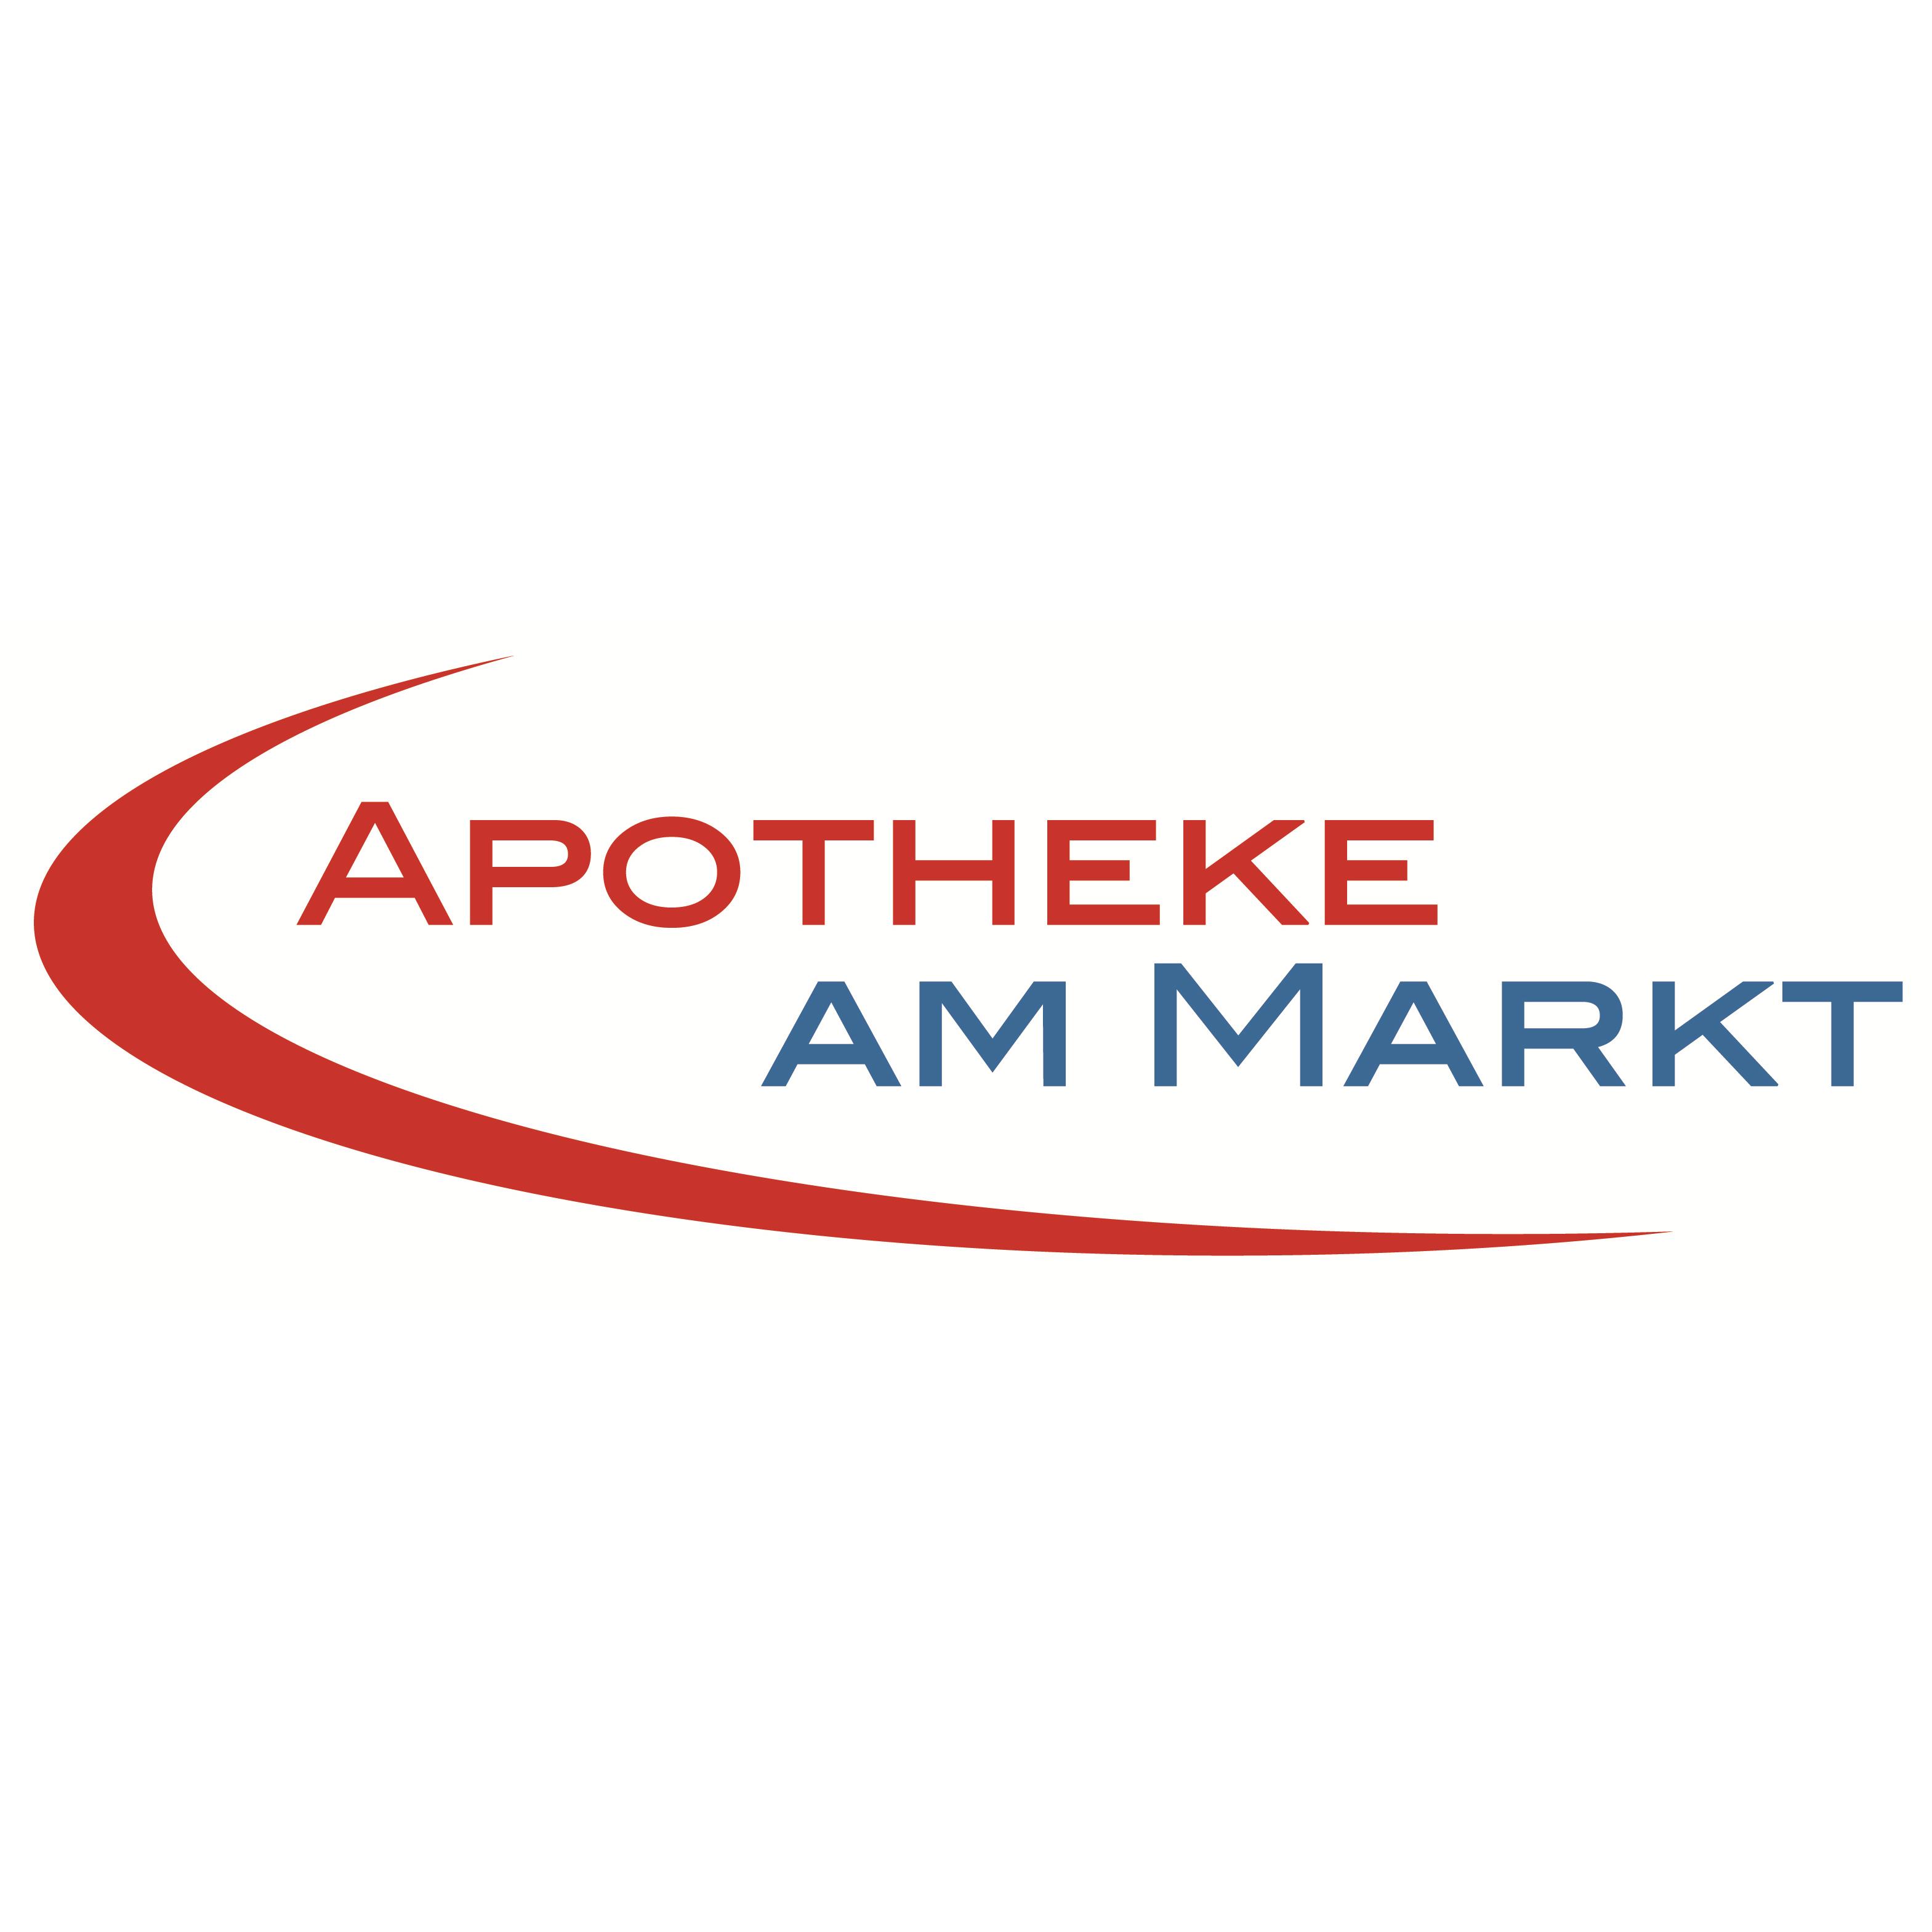 Bild zu Apotheke am Markt in Stadthagen